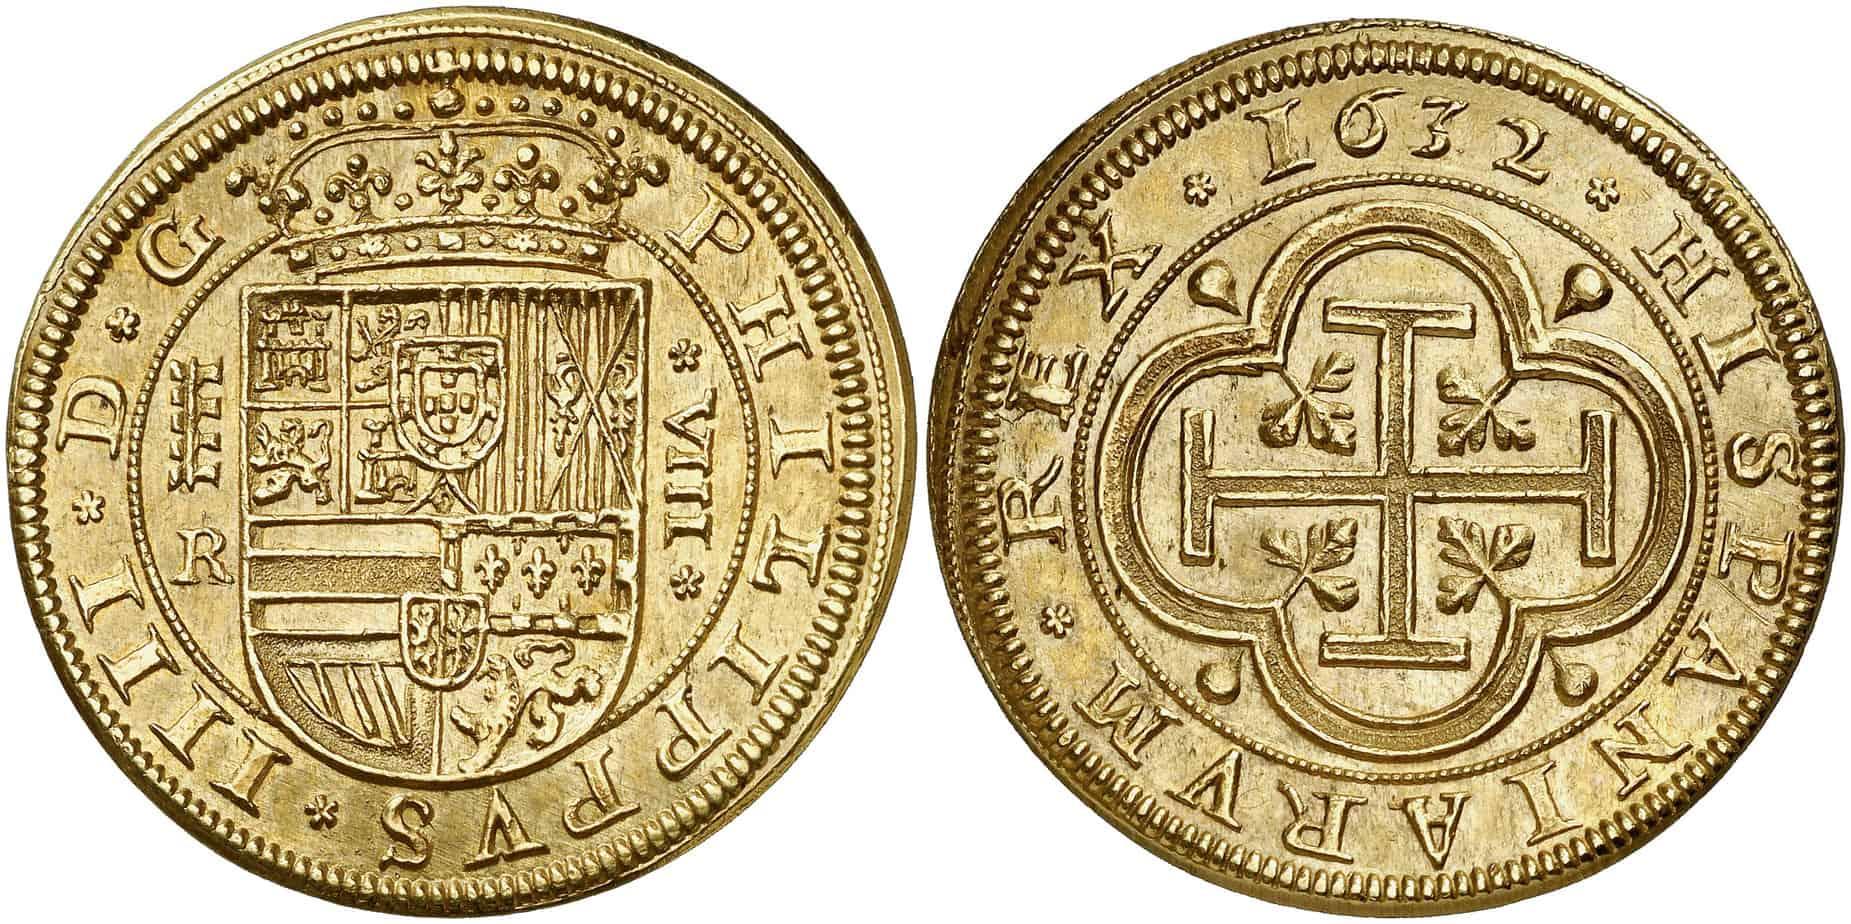 onza segoviana de 1632